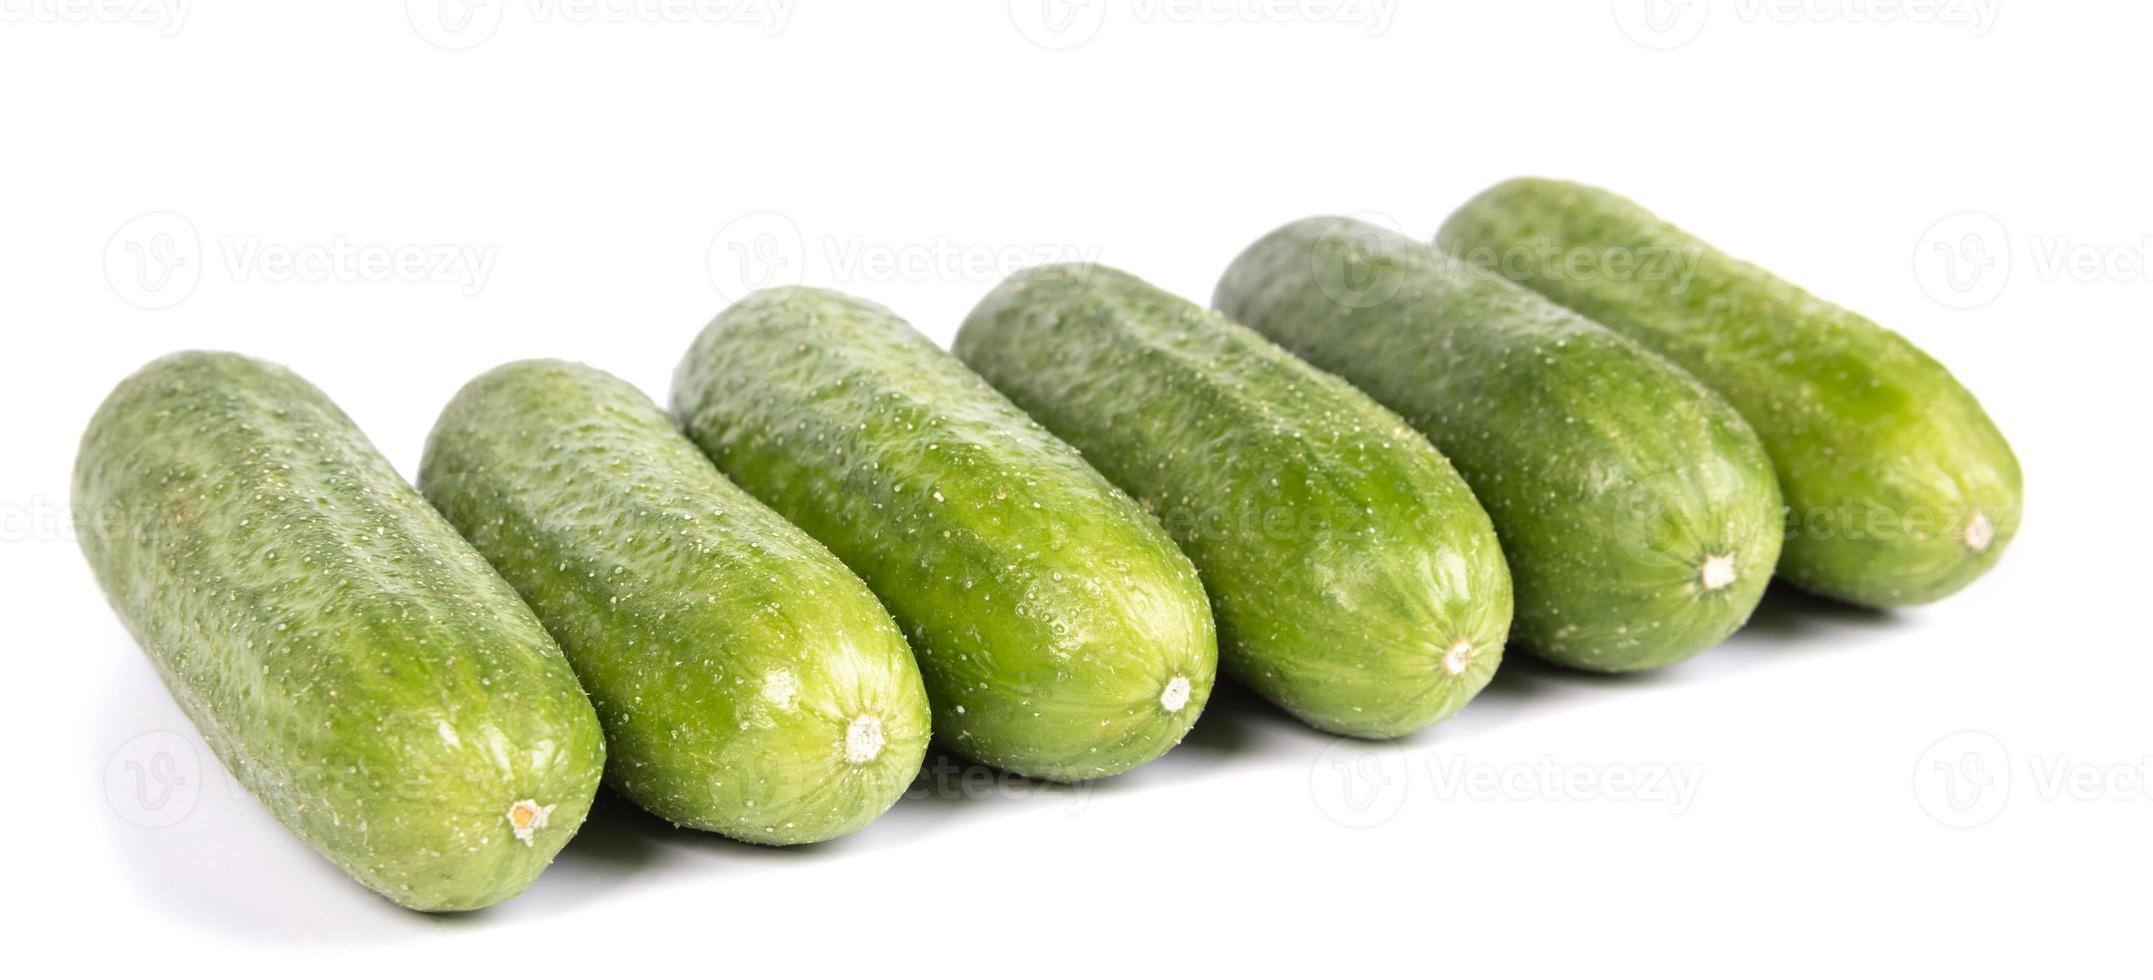 cetriolo verde foto